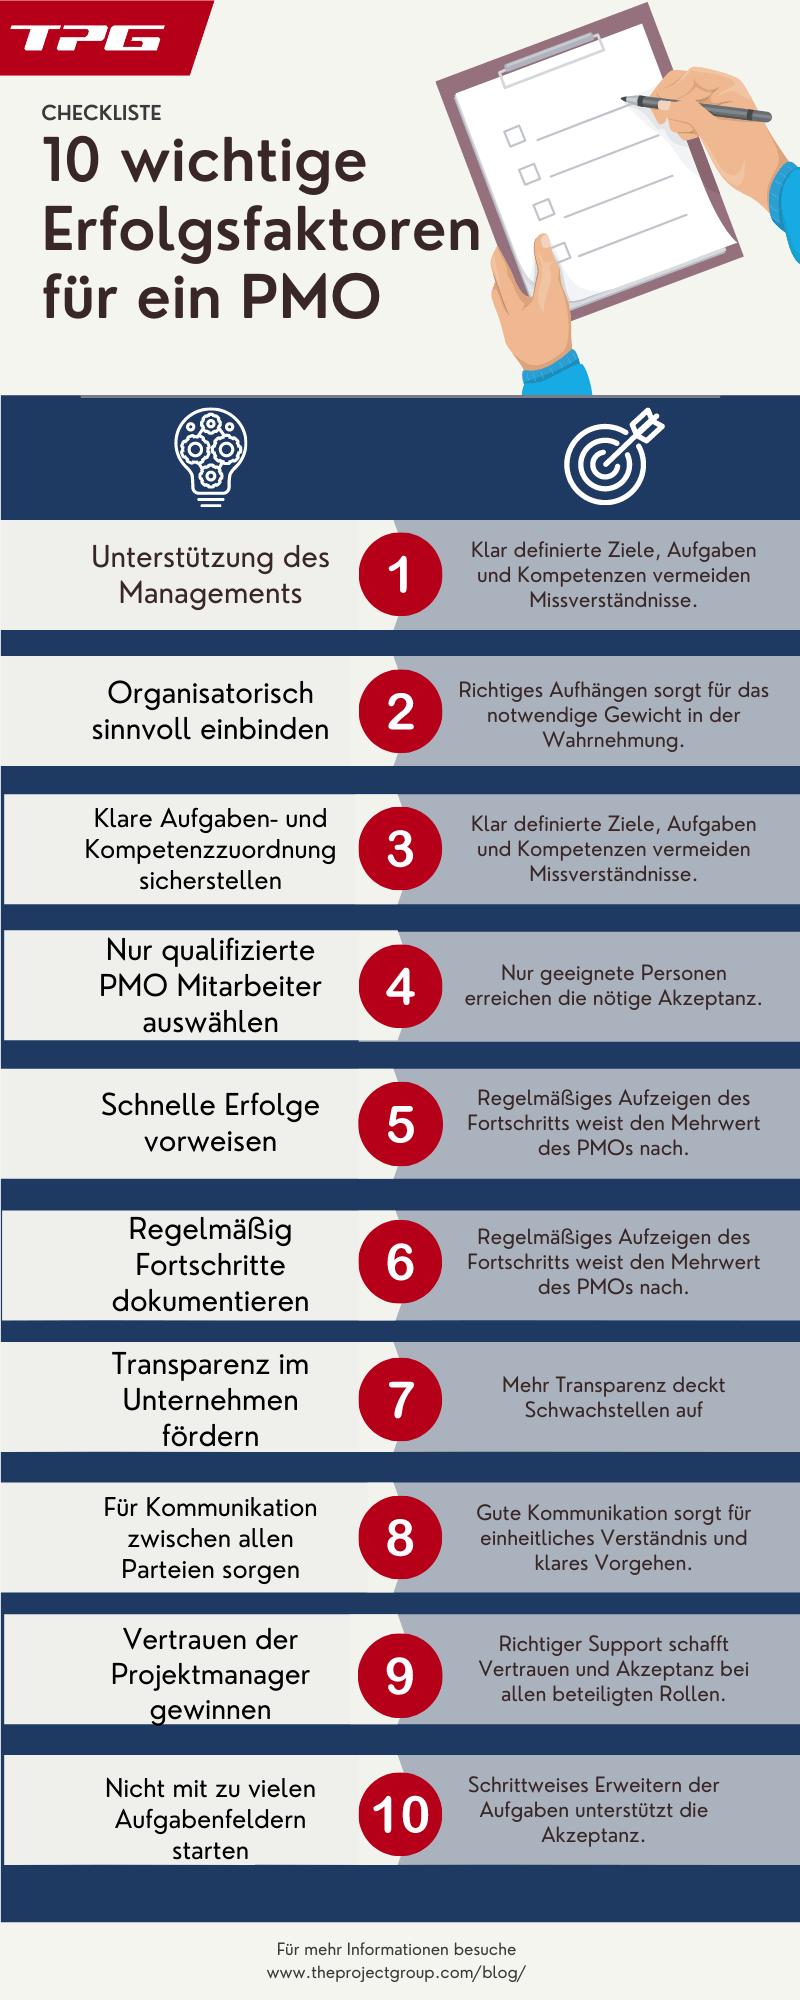 10 wichtige Erfolgsfaktoren für ein PMO - Checkliste TPG The Project Group